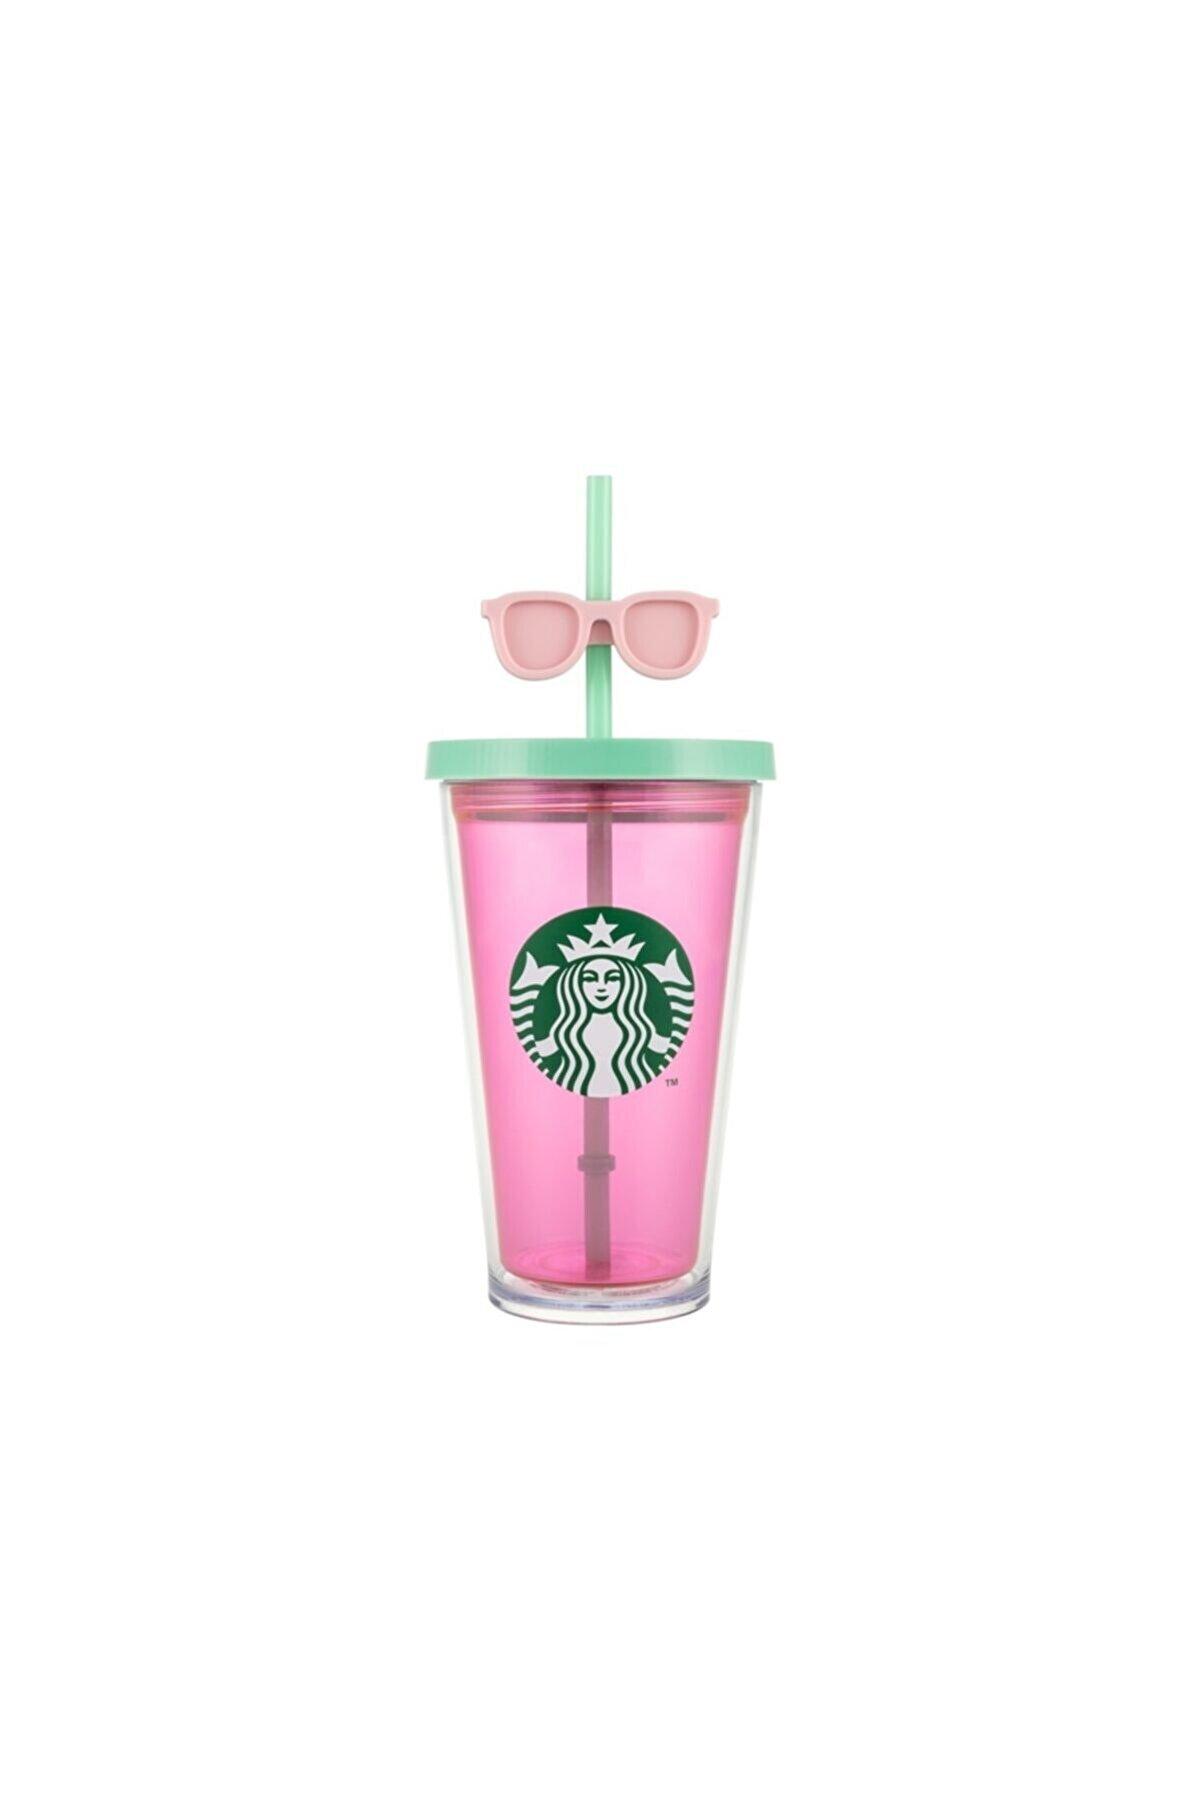 Starbucks Pembe Gözlüklü Soğuk Içecek Bardağı - 473 Ml